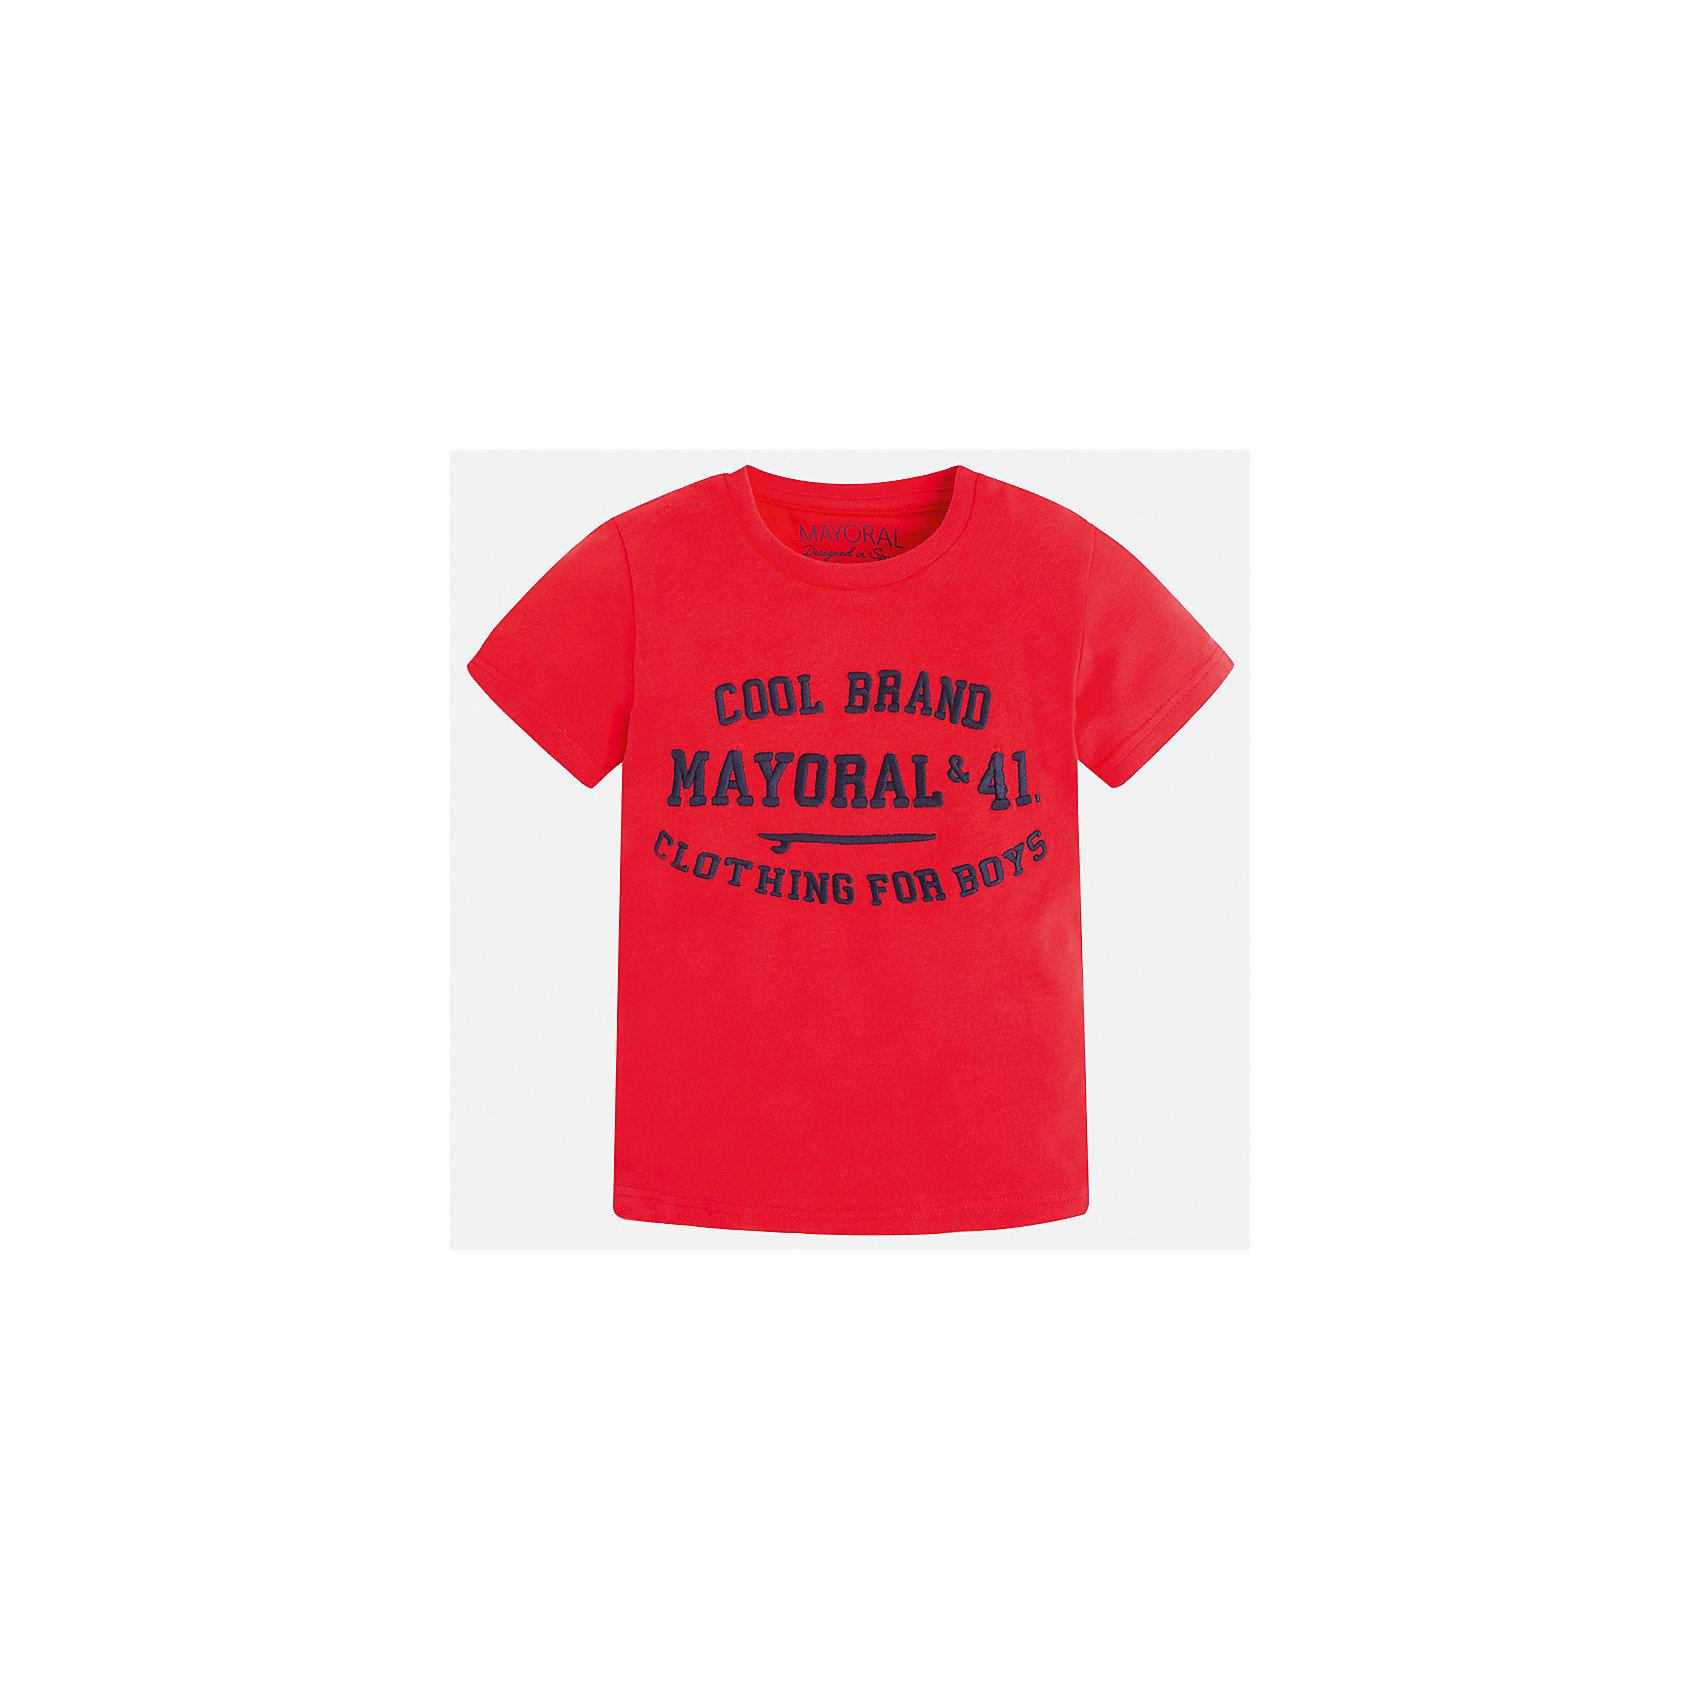 Футболка для мальчика MayoralФутболки, поло и топы<br>Характеристики товара:<br><br>• цвет: красный<br>• состав: 100% хлопок<br>• мягкая отделка ворота<br>• короткие рукава<br>• округлая горловина<br>• декорирована принтом<br>• страна бренда: Испания<br><br>Стильная удобная футболка для мальчика может стать базовой вещью в гардеробе ребенка. Она отлично сочетается с брюками, шортами, джинсами. Универсальный крой и цвет позволяет подобрать к вещи низ разных расцветок. Практичное и стильное изделие! В составе материала - только натуральный хлопок, гипоаллергенный, приятный на ощупь, дышащий.<br><br>Одежда, обувь и аксессуары от испанского бренда Mayoral полюбились детям и взрослым по всему миру. Модели этой марки - стильные и удобные. Для их производства используются только безопасные, качественные материалы и фурнитура. Порадуйте ребенка модными и красивыми вещами от Mayoral! <br><br>Футболку для мальчика от испанского бренда Mayoral (Майорал) можно купить в нашем интернет-магазине.<br><br>Ширина мм: 199<br>Глубина мм: 10<br>Высота мм: 161<br>Вес г: 151<br>Цвет: красный<br>Возраст от месяцев: 72<br>Возраст до месяцев: 84<br>Пол: Мужской<br>Возраст: Детский<br>Размер: 122,134,128,116,110,104,98,92<br>SKU: 5277821